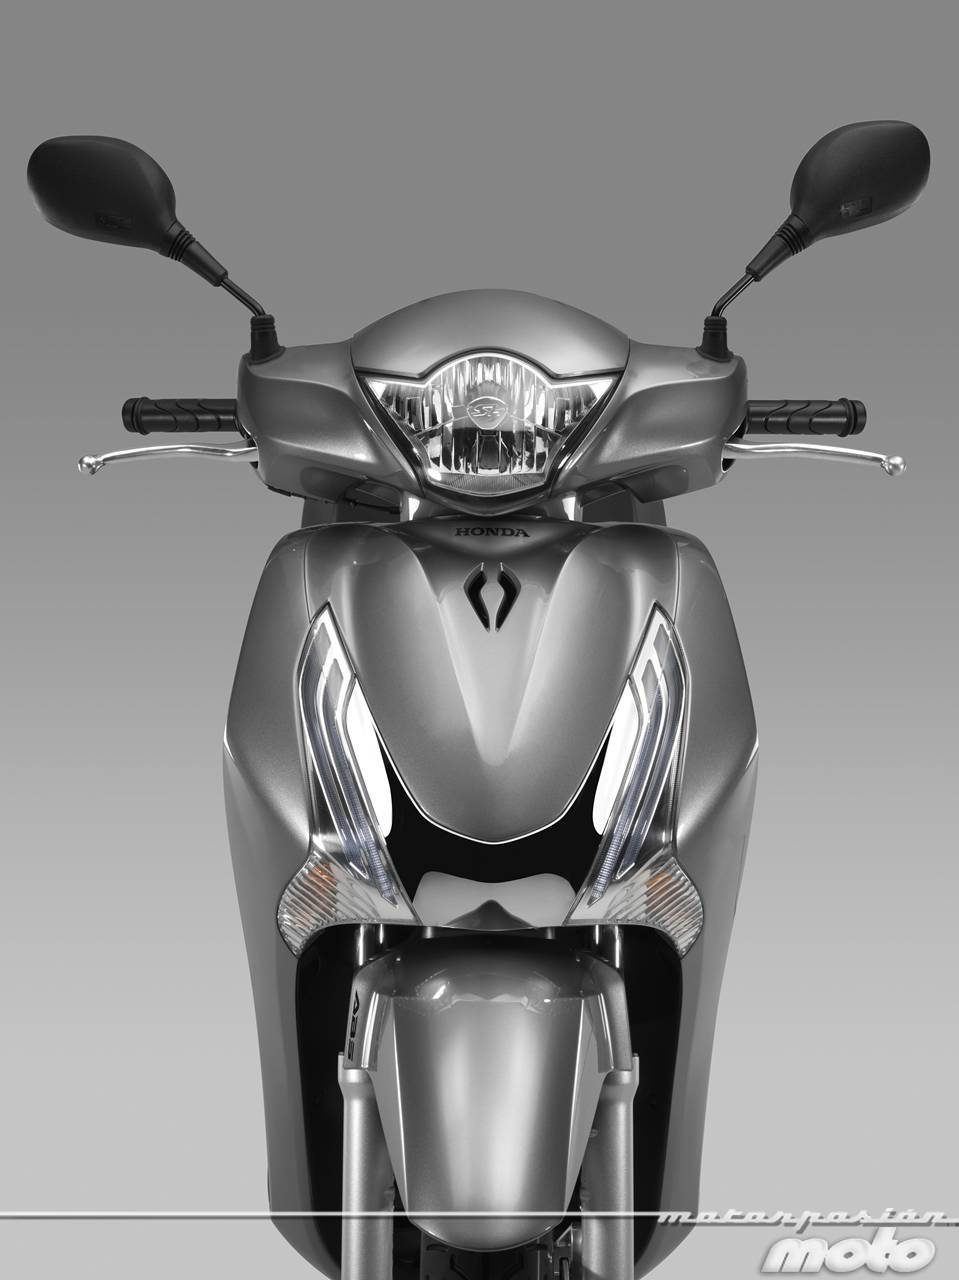 Foto de Honda Scoopy SH125i 2013, prueba (valoración, galería y ficha técnica)  - Fotos Detalles (77/81)